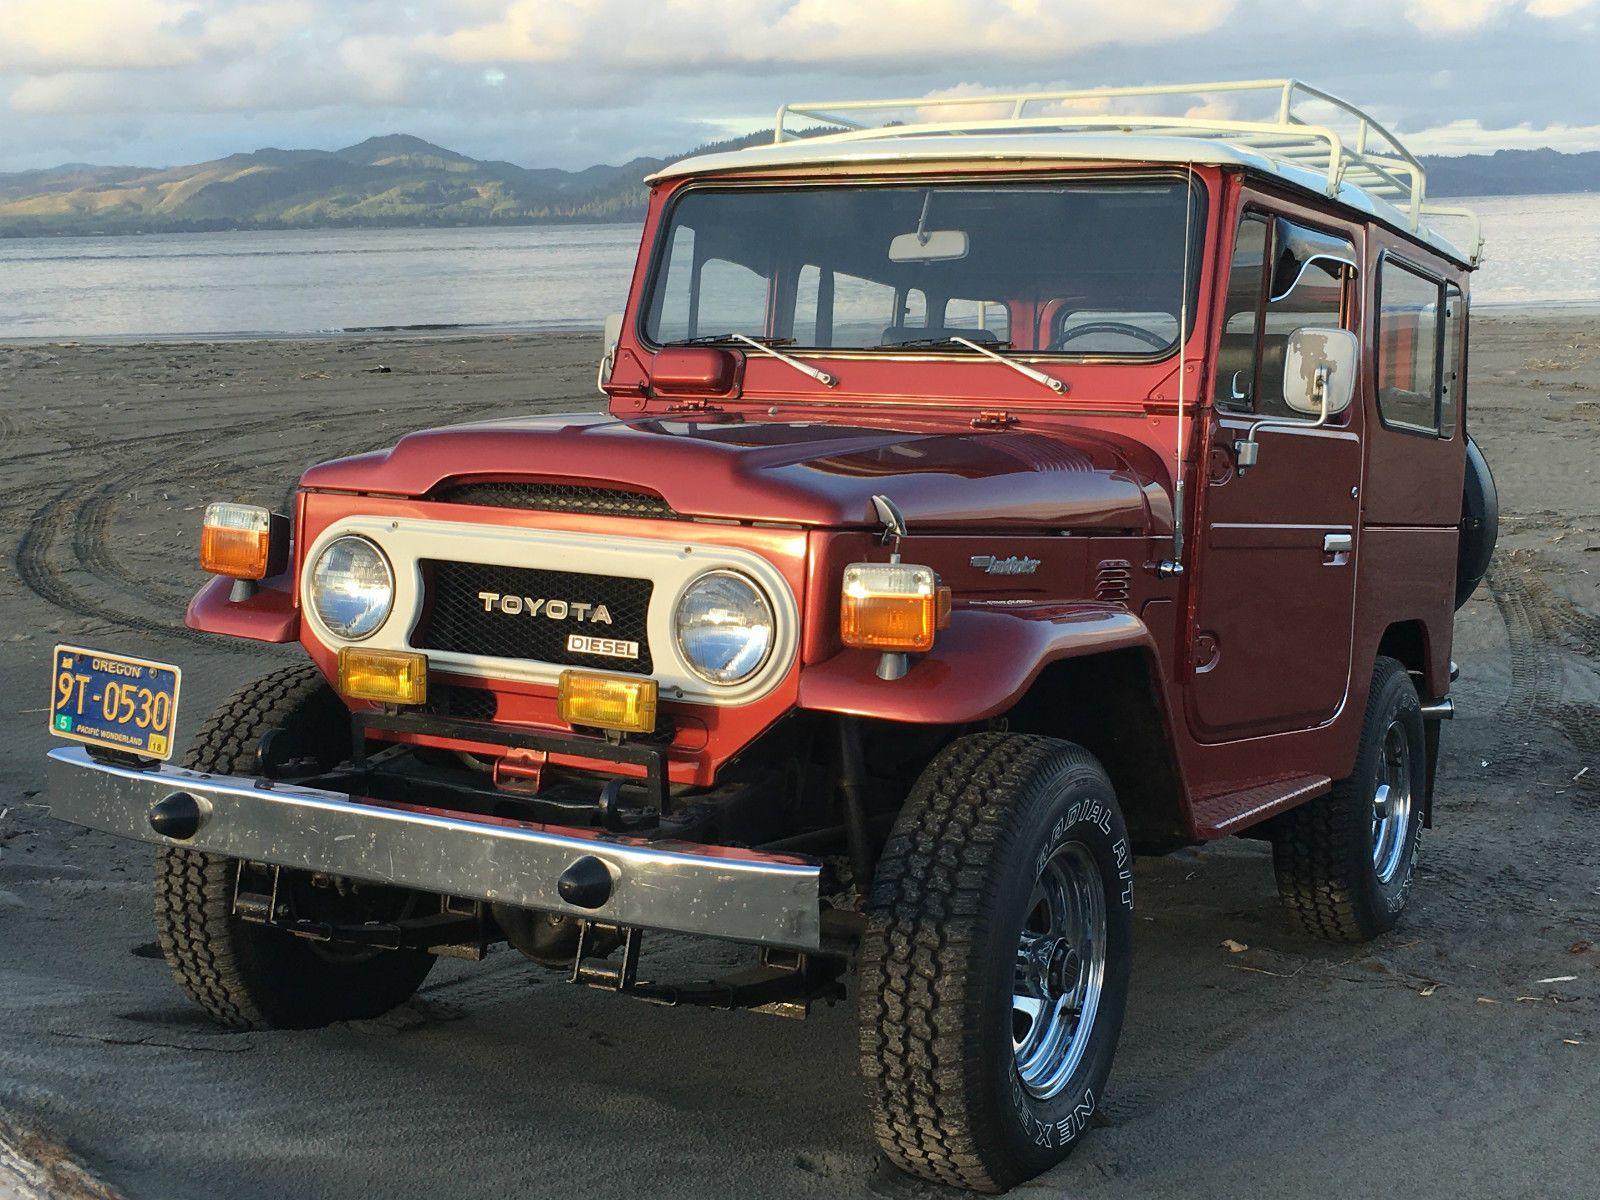 1979 Toyota Land Cruiser BJ40 Diesel | Japanese cars for